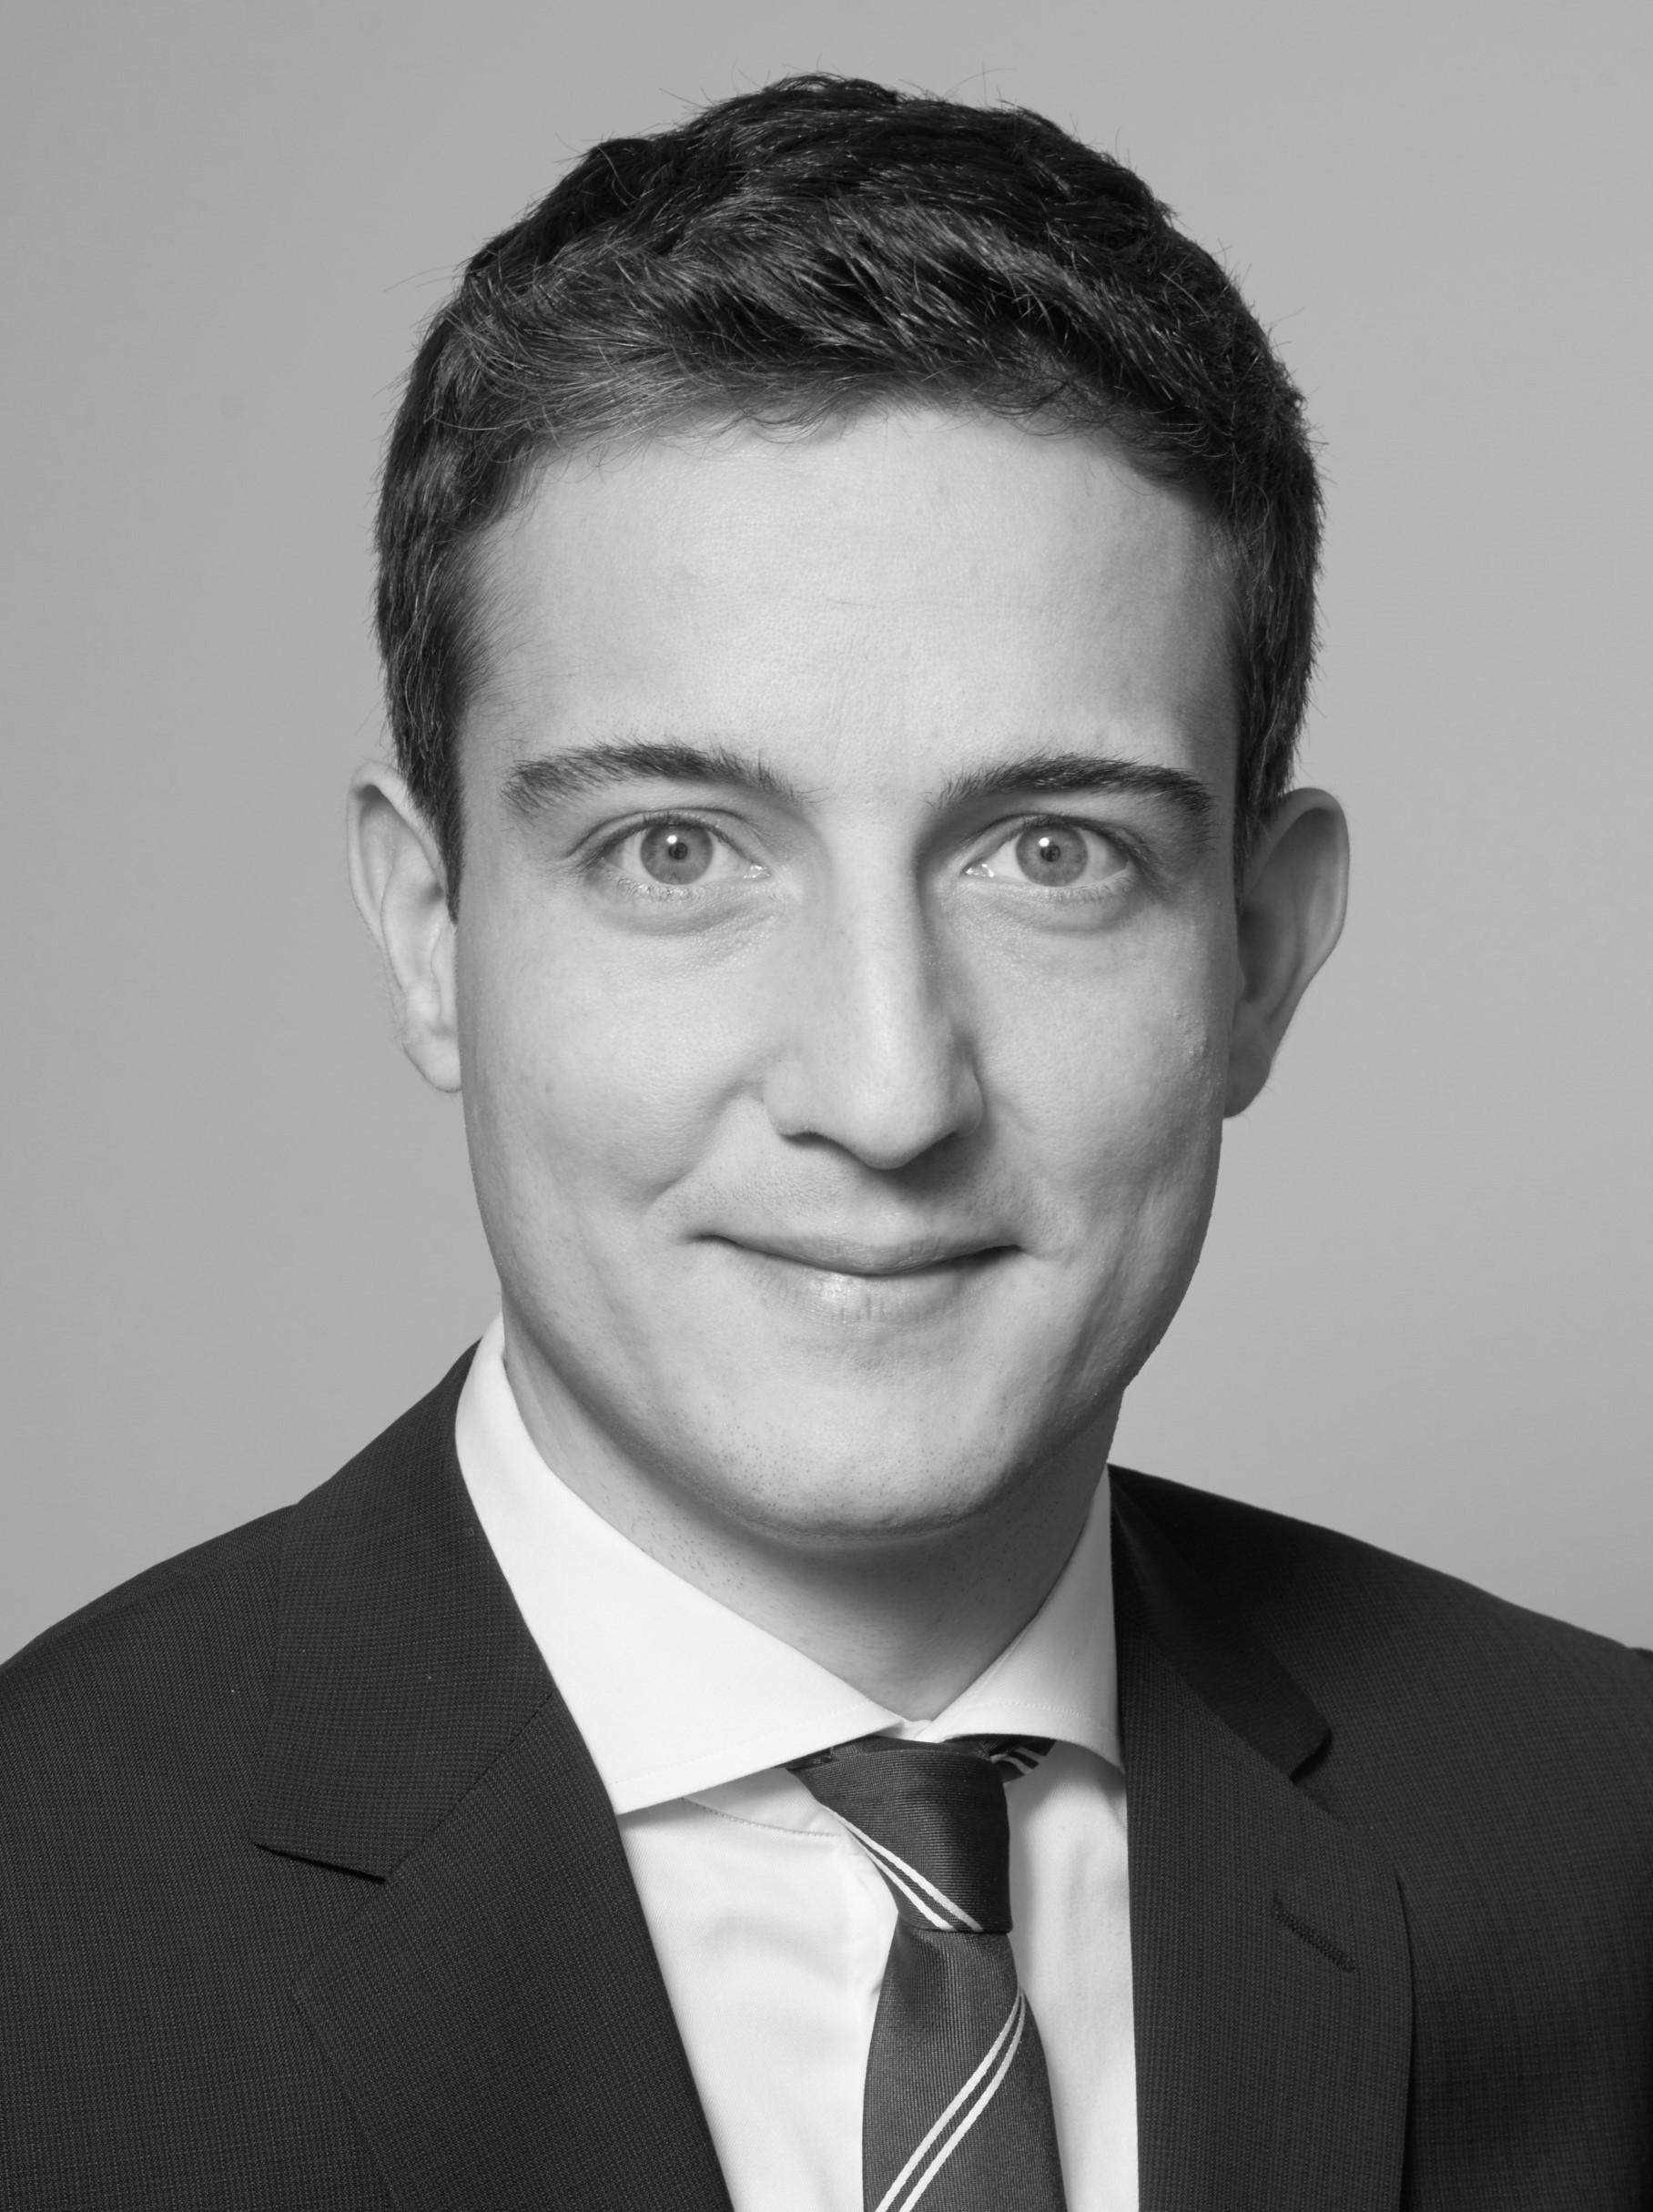 Ralf Imstepf